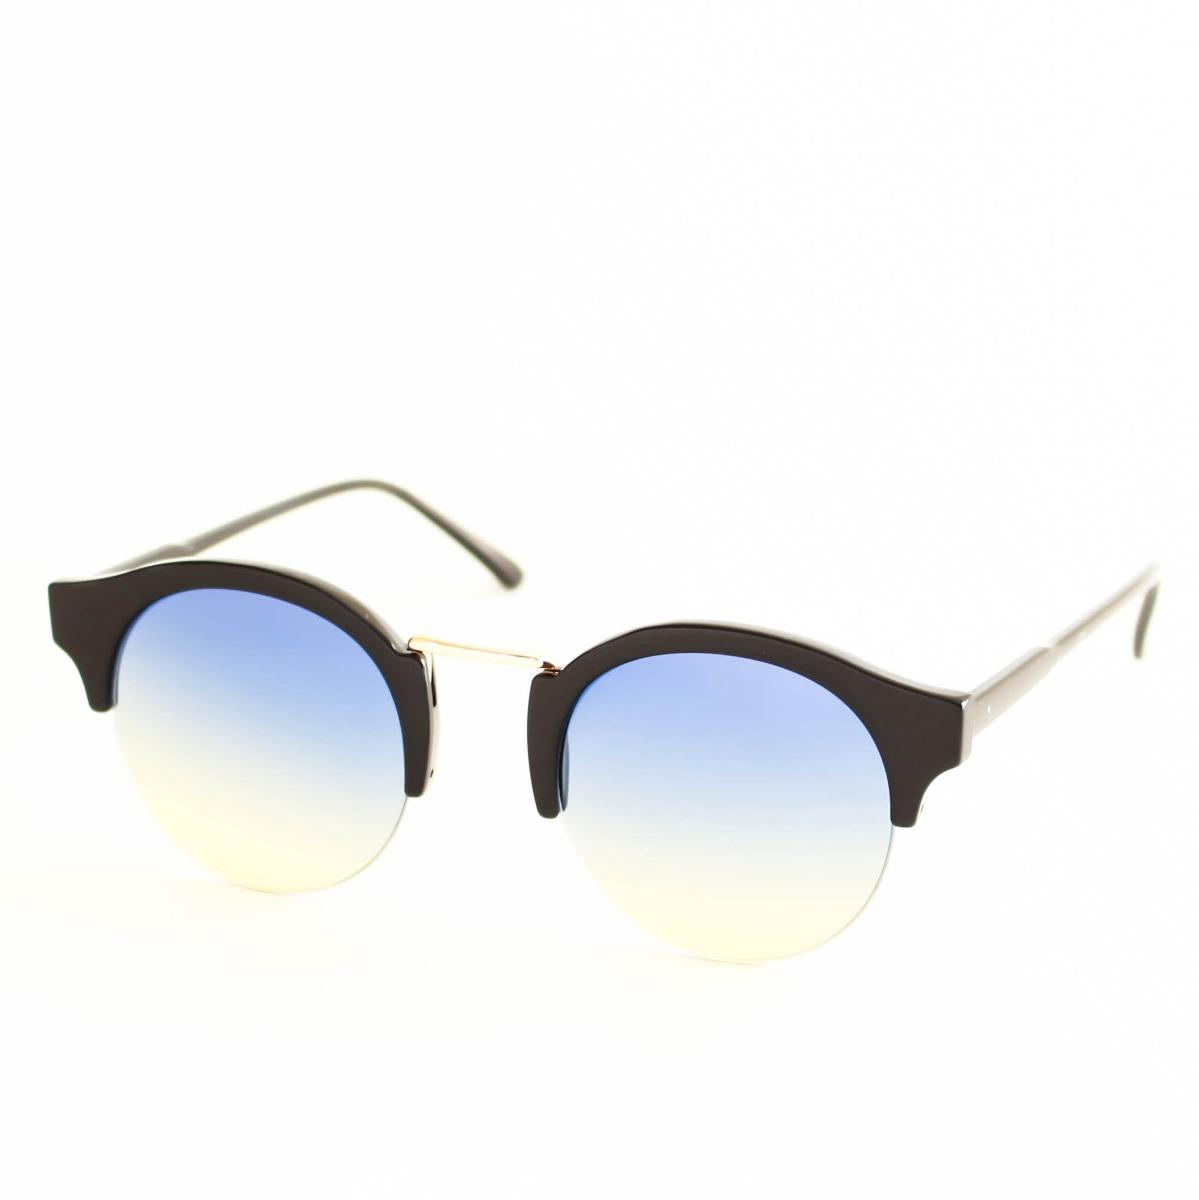 a06c540111213 Armação Óculos De Sol Gatinho Redondo Vintage - R  49,00 em Mercado ...